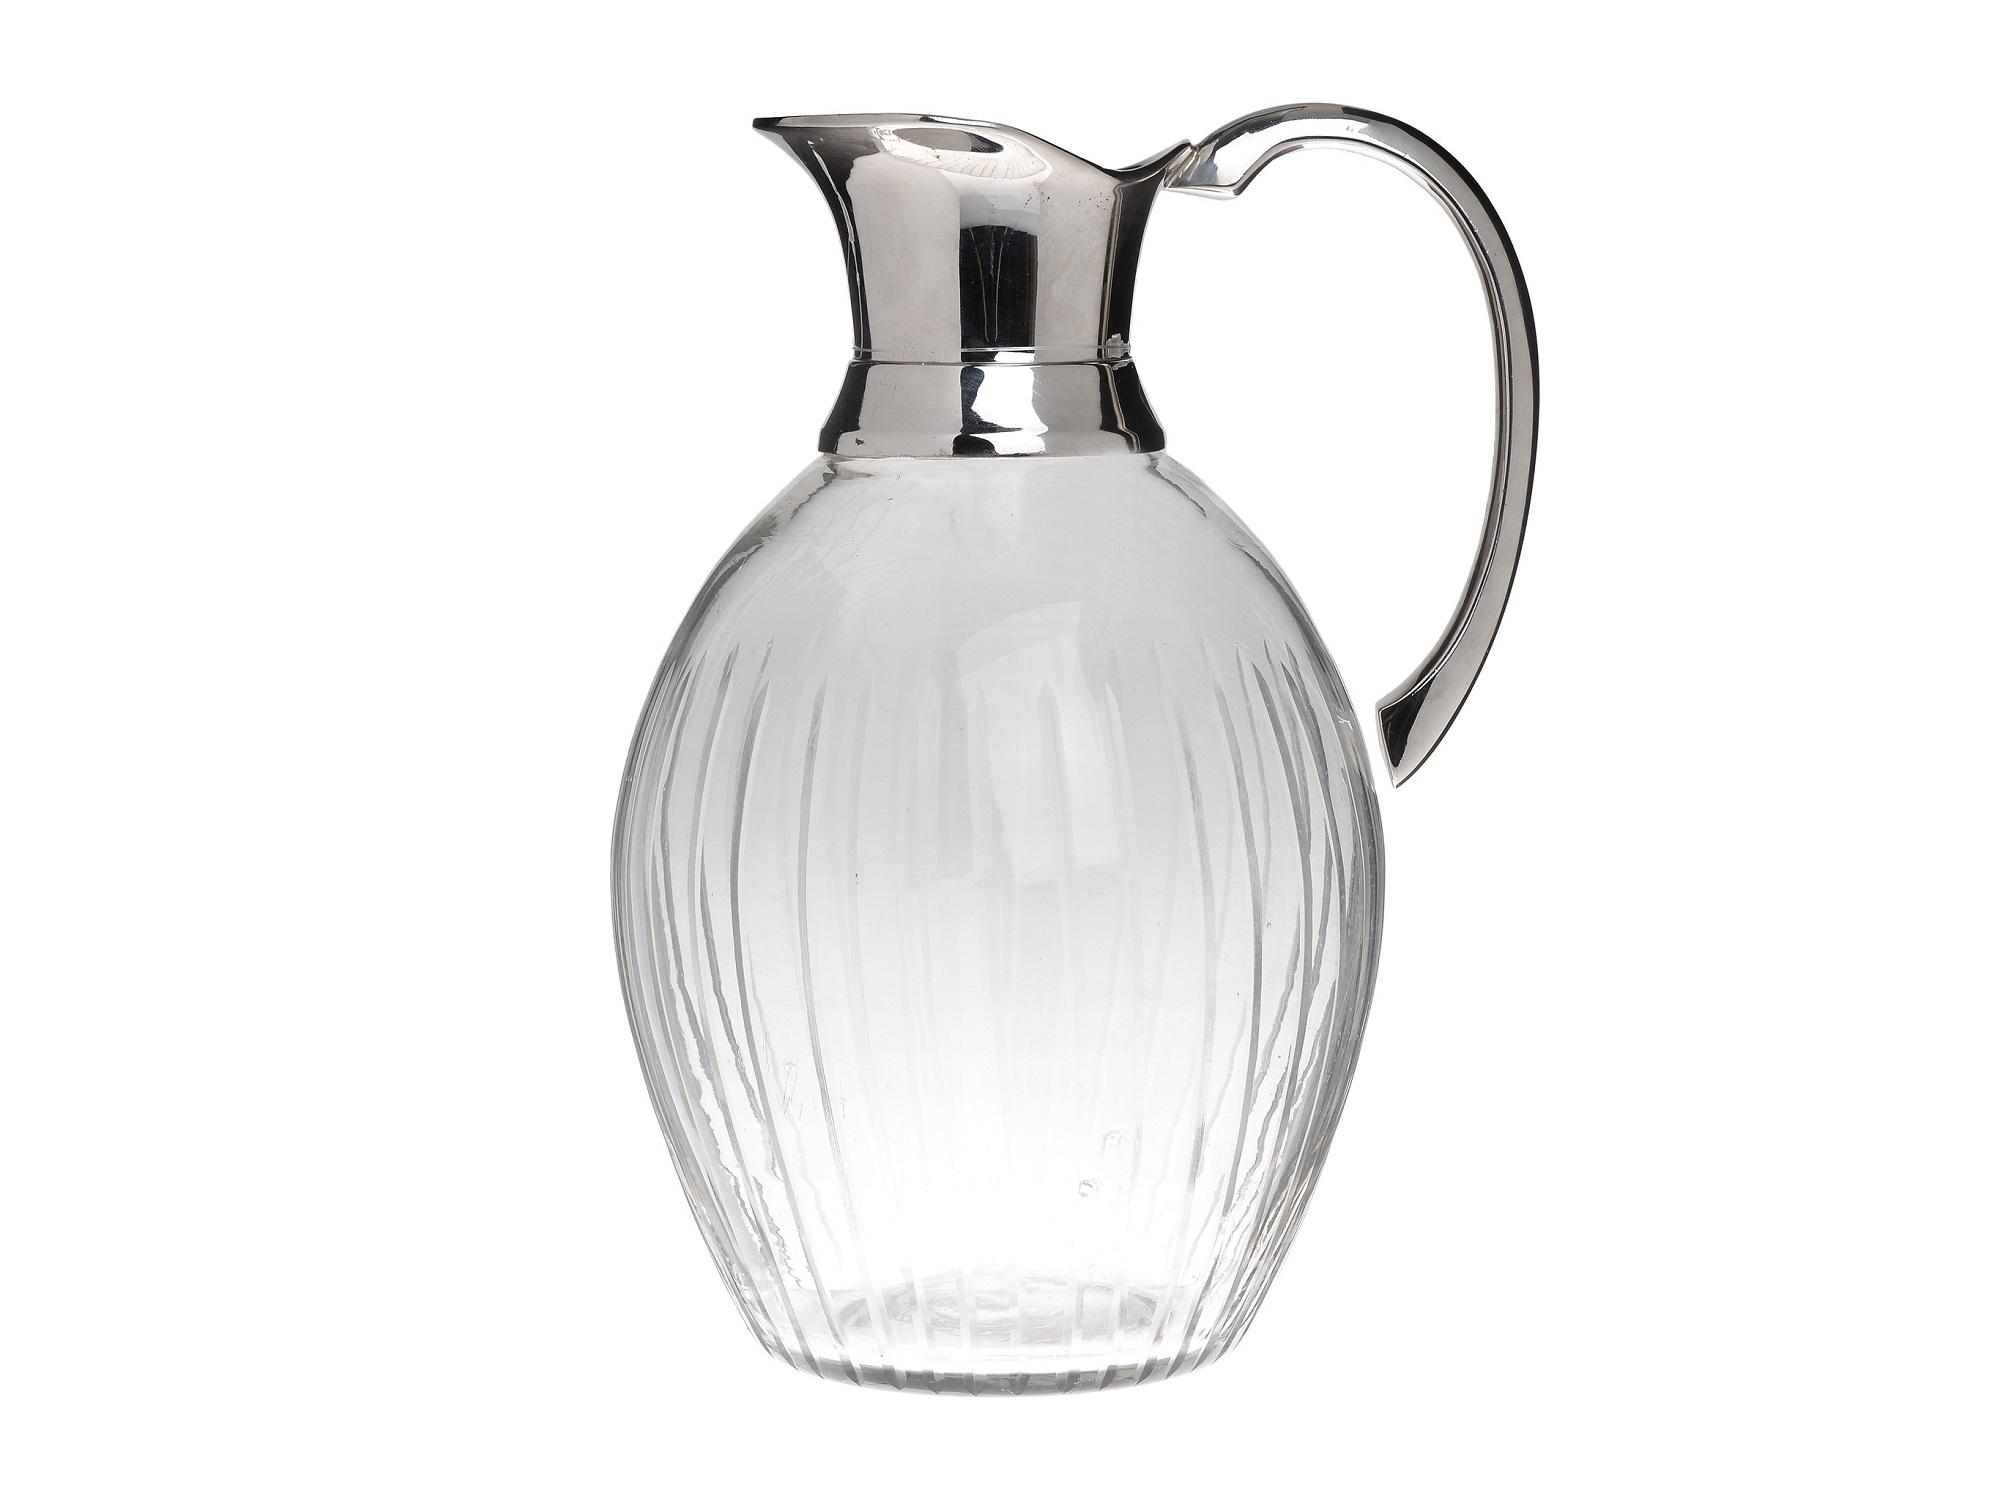 Кувшин TroyКувшины и графины<br>Материал: стекло, металл<br><br>Material: Стекло<br>Ширина см: 22.0<br>Высота см: 30.0<br>Глубина см: 25.0